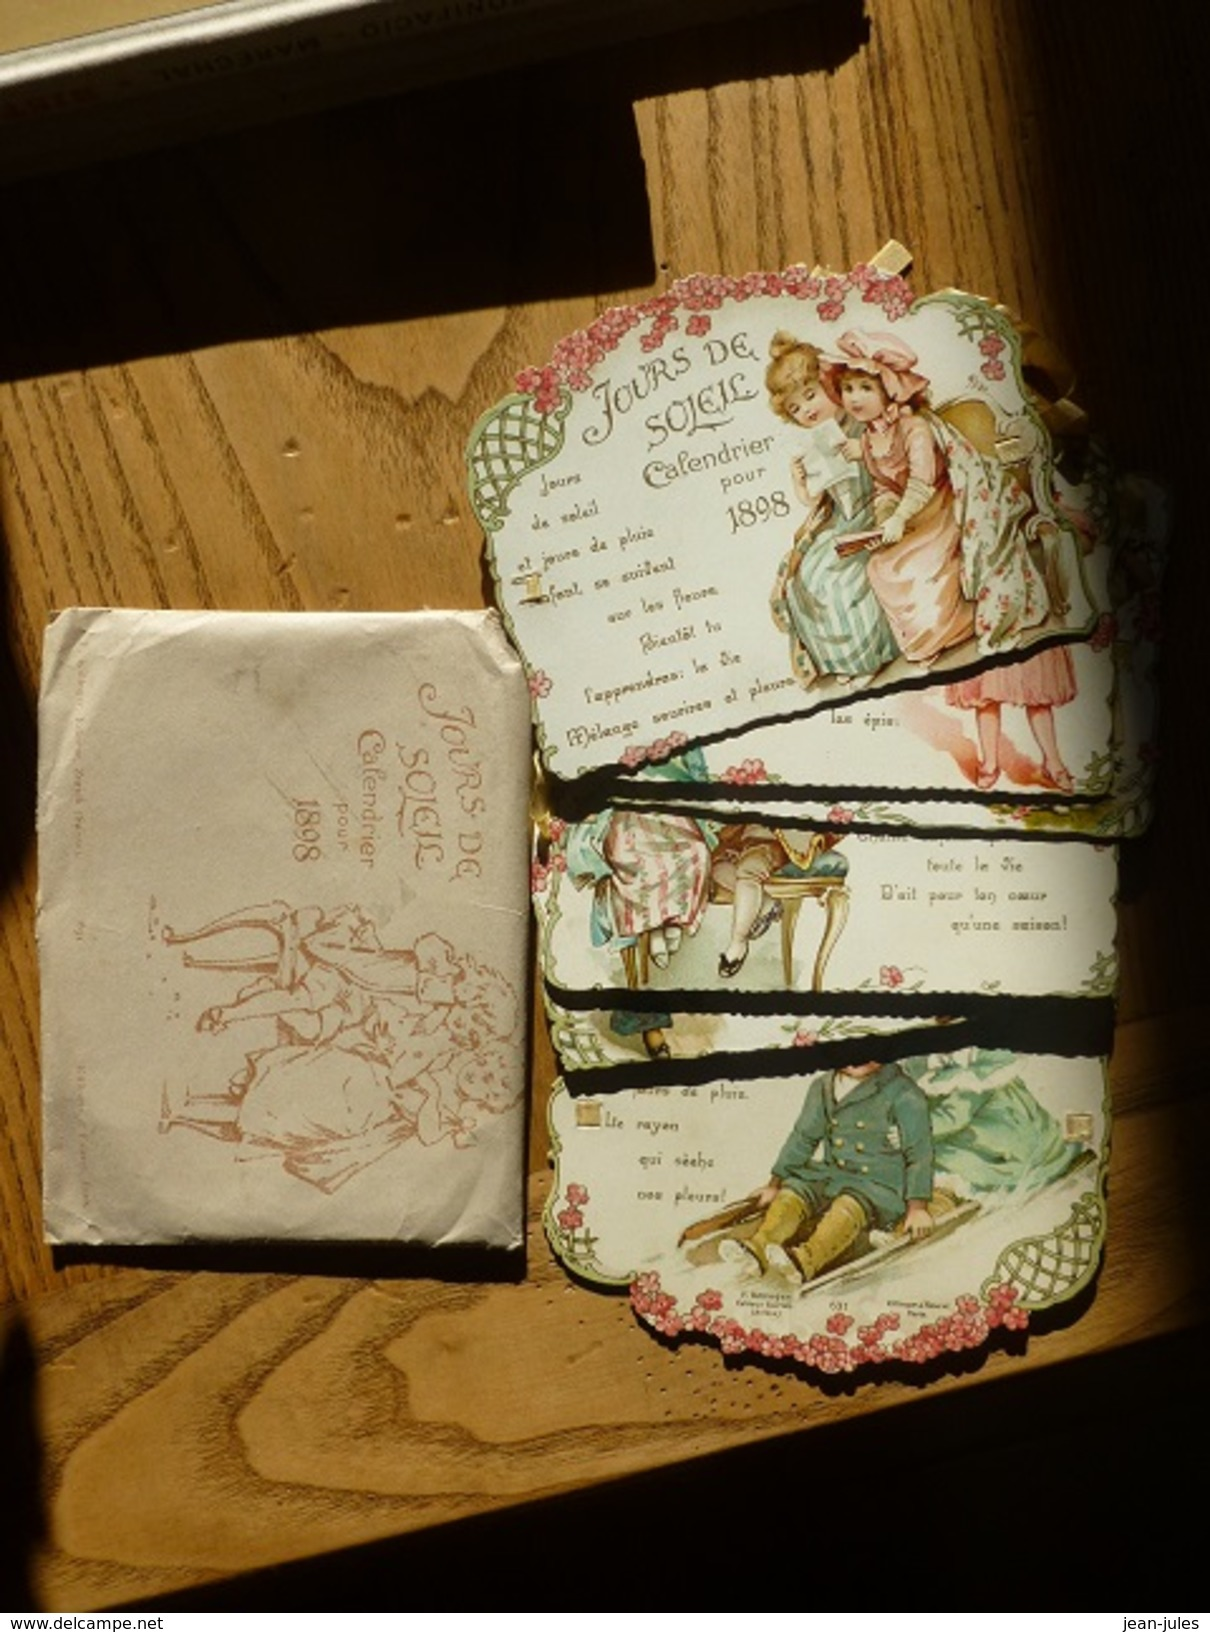 6 Chromos De Style Romantique Formant Calendrier Pour 1898 - Ed. F. Killinger , Zurich, Suisse -631- Avec Enveloppe - Chromos